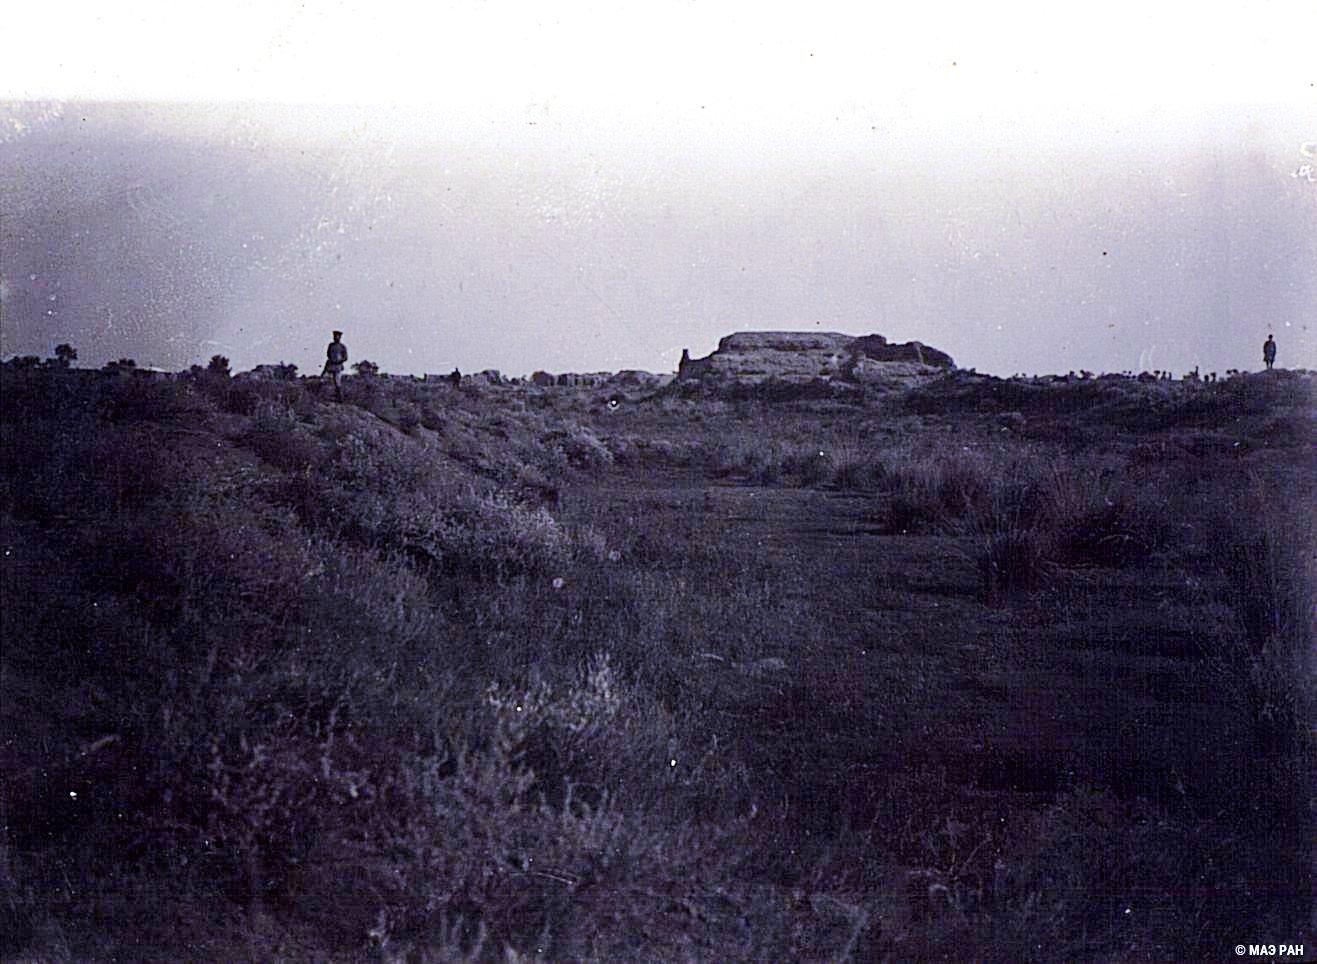 23. Развалины древней столицы Уйгурии Бишбалыка. Остатки улицы